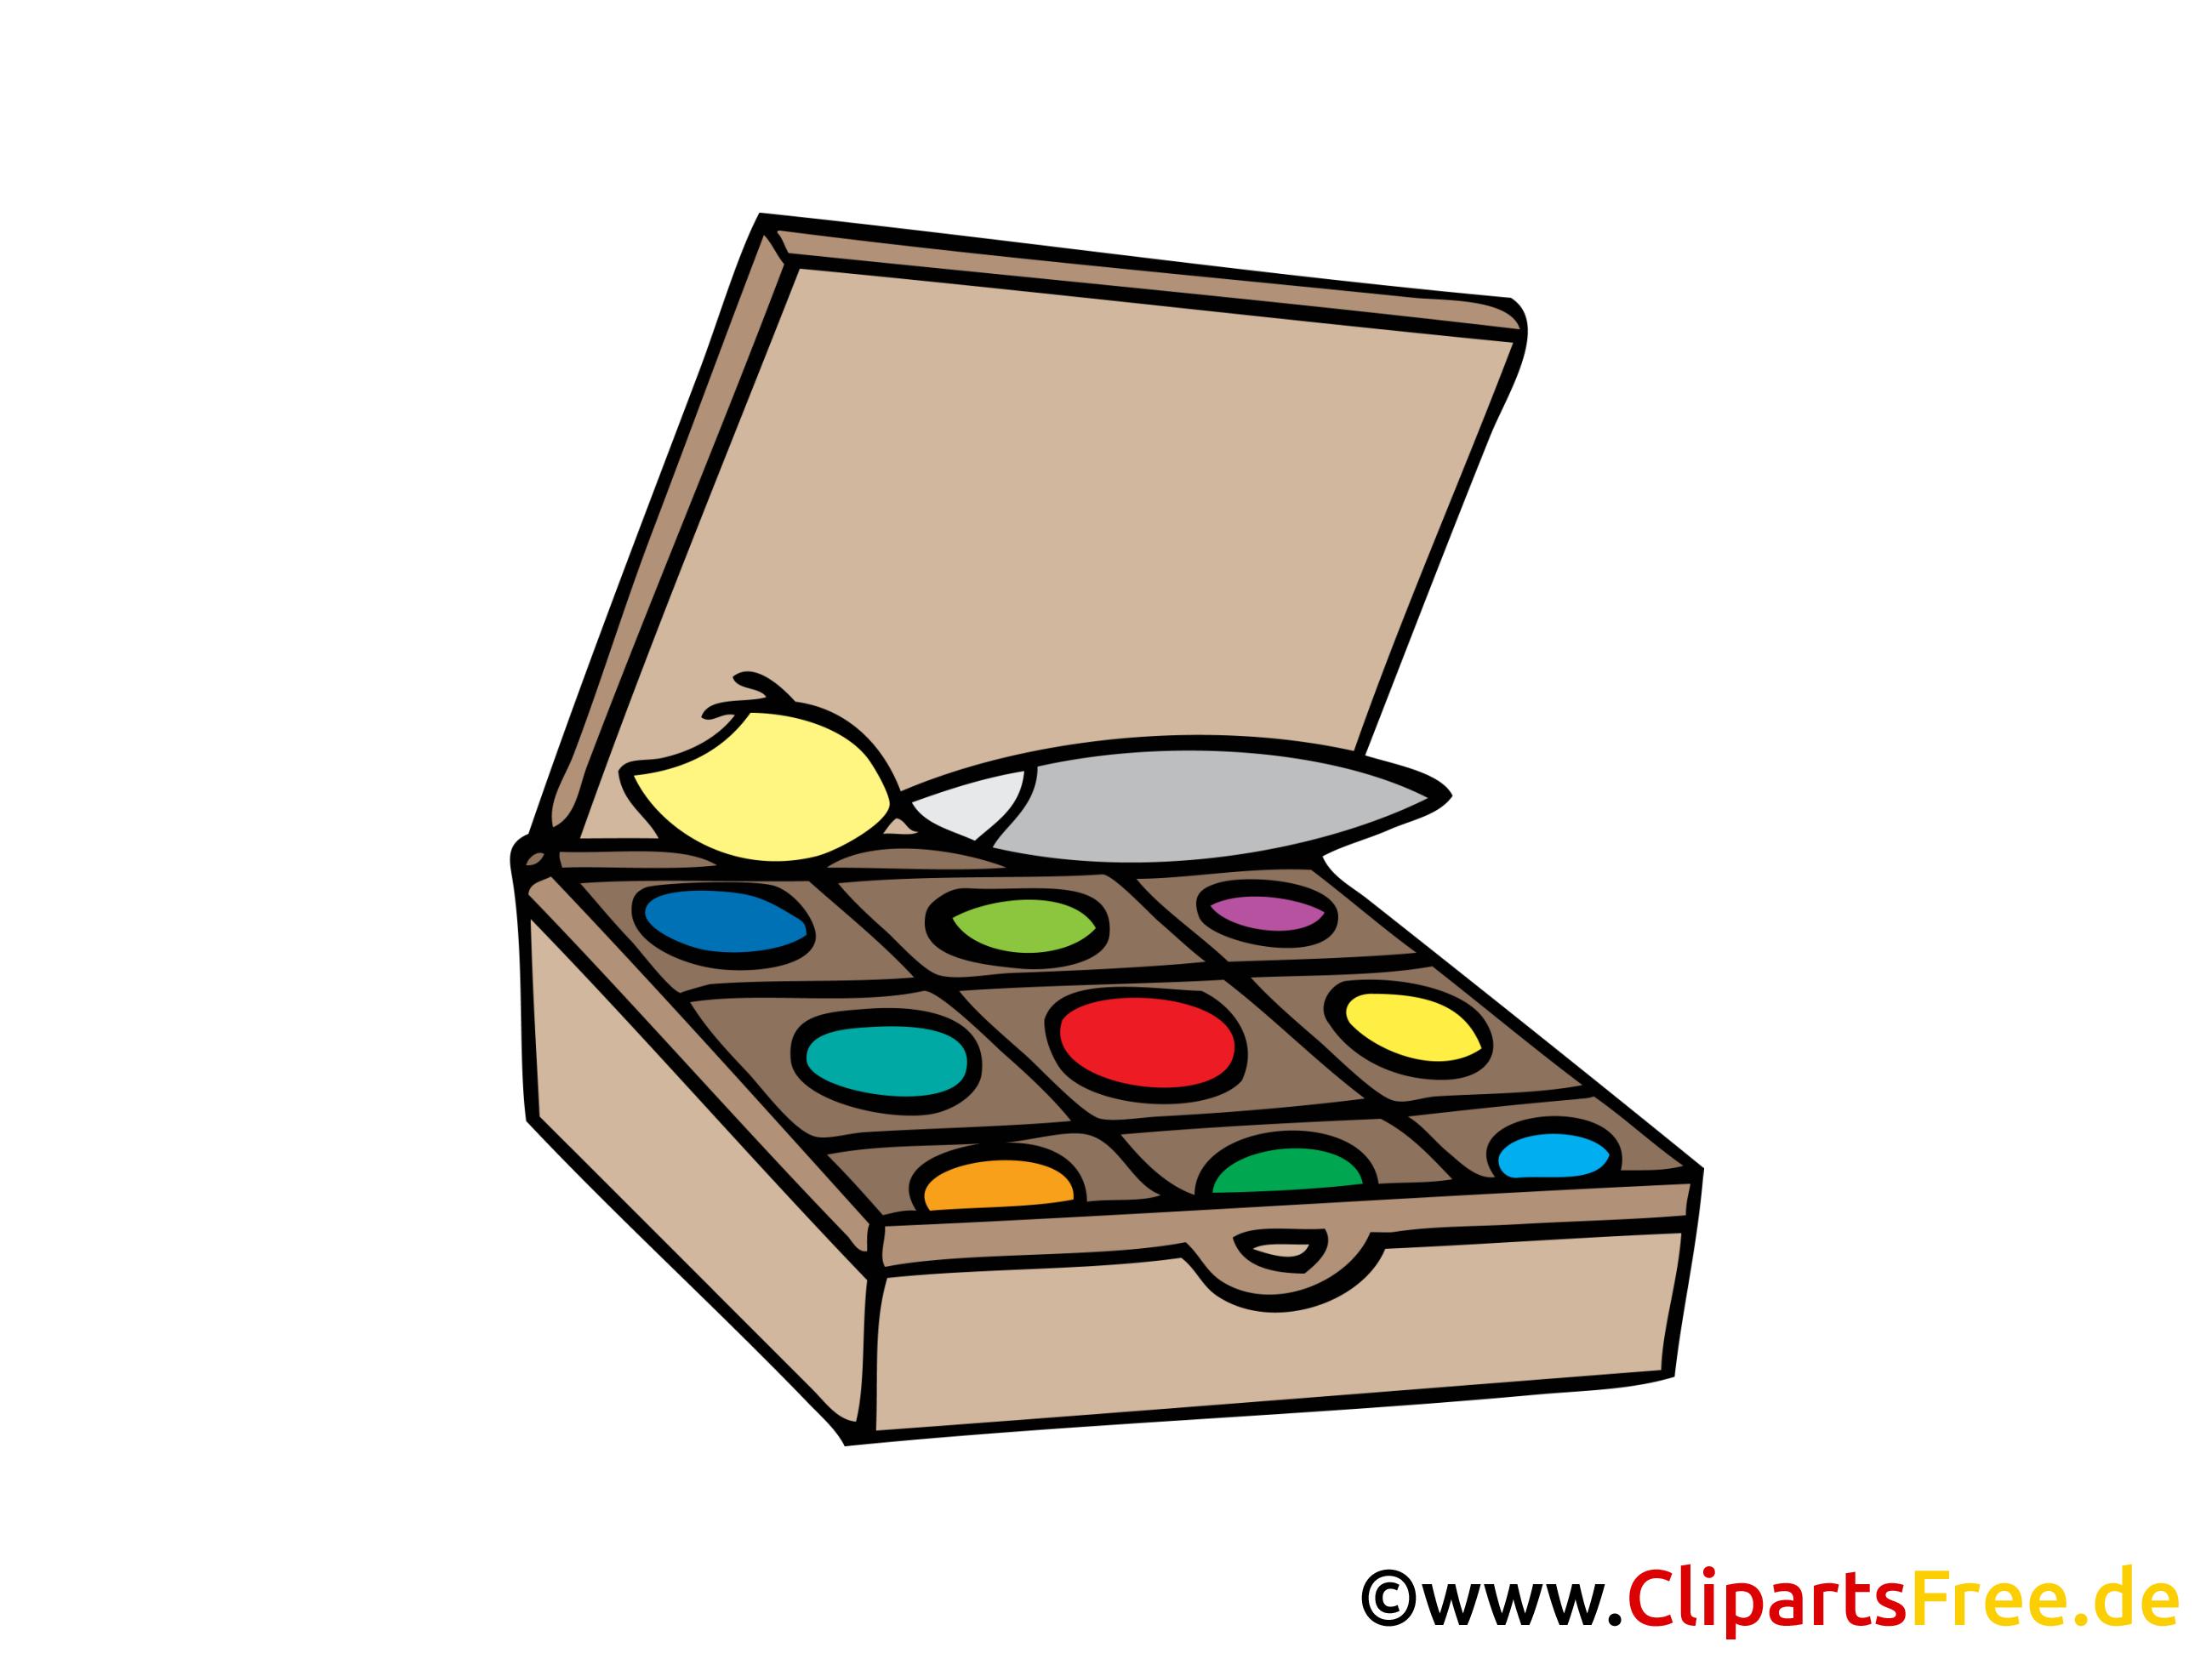 Farben zum Malen, Künstlerzubehör Bild, Clipart, Illustration.